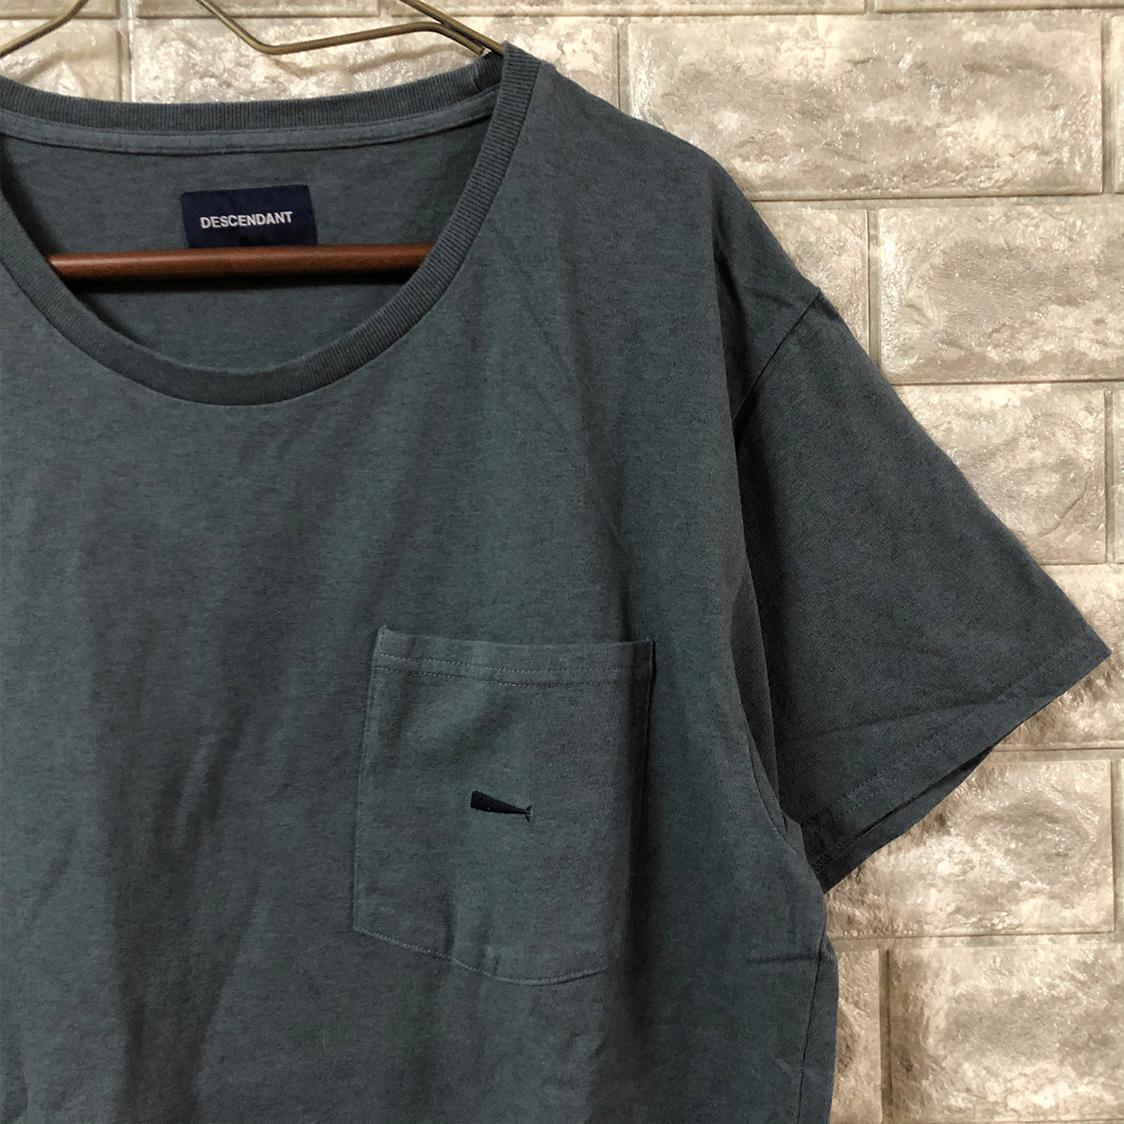 DESCENDANT ディセンダント 【サイズ1】 ポケット付き Tシャツ カットソー 半袖